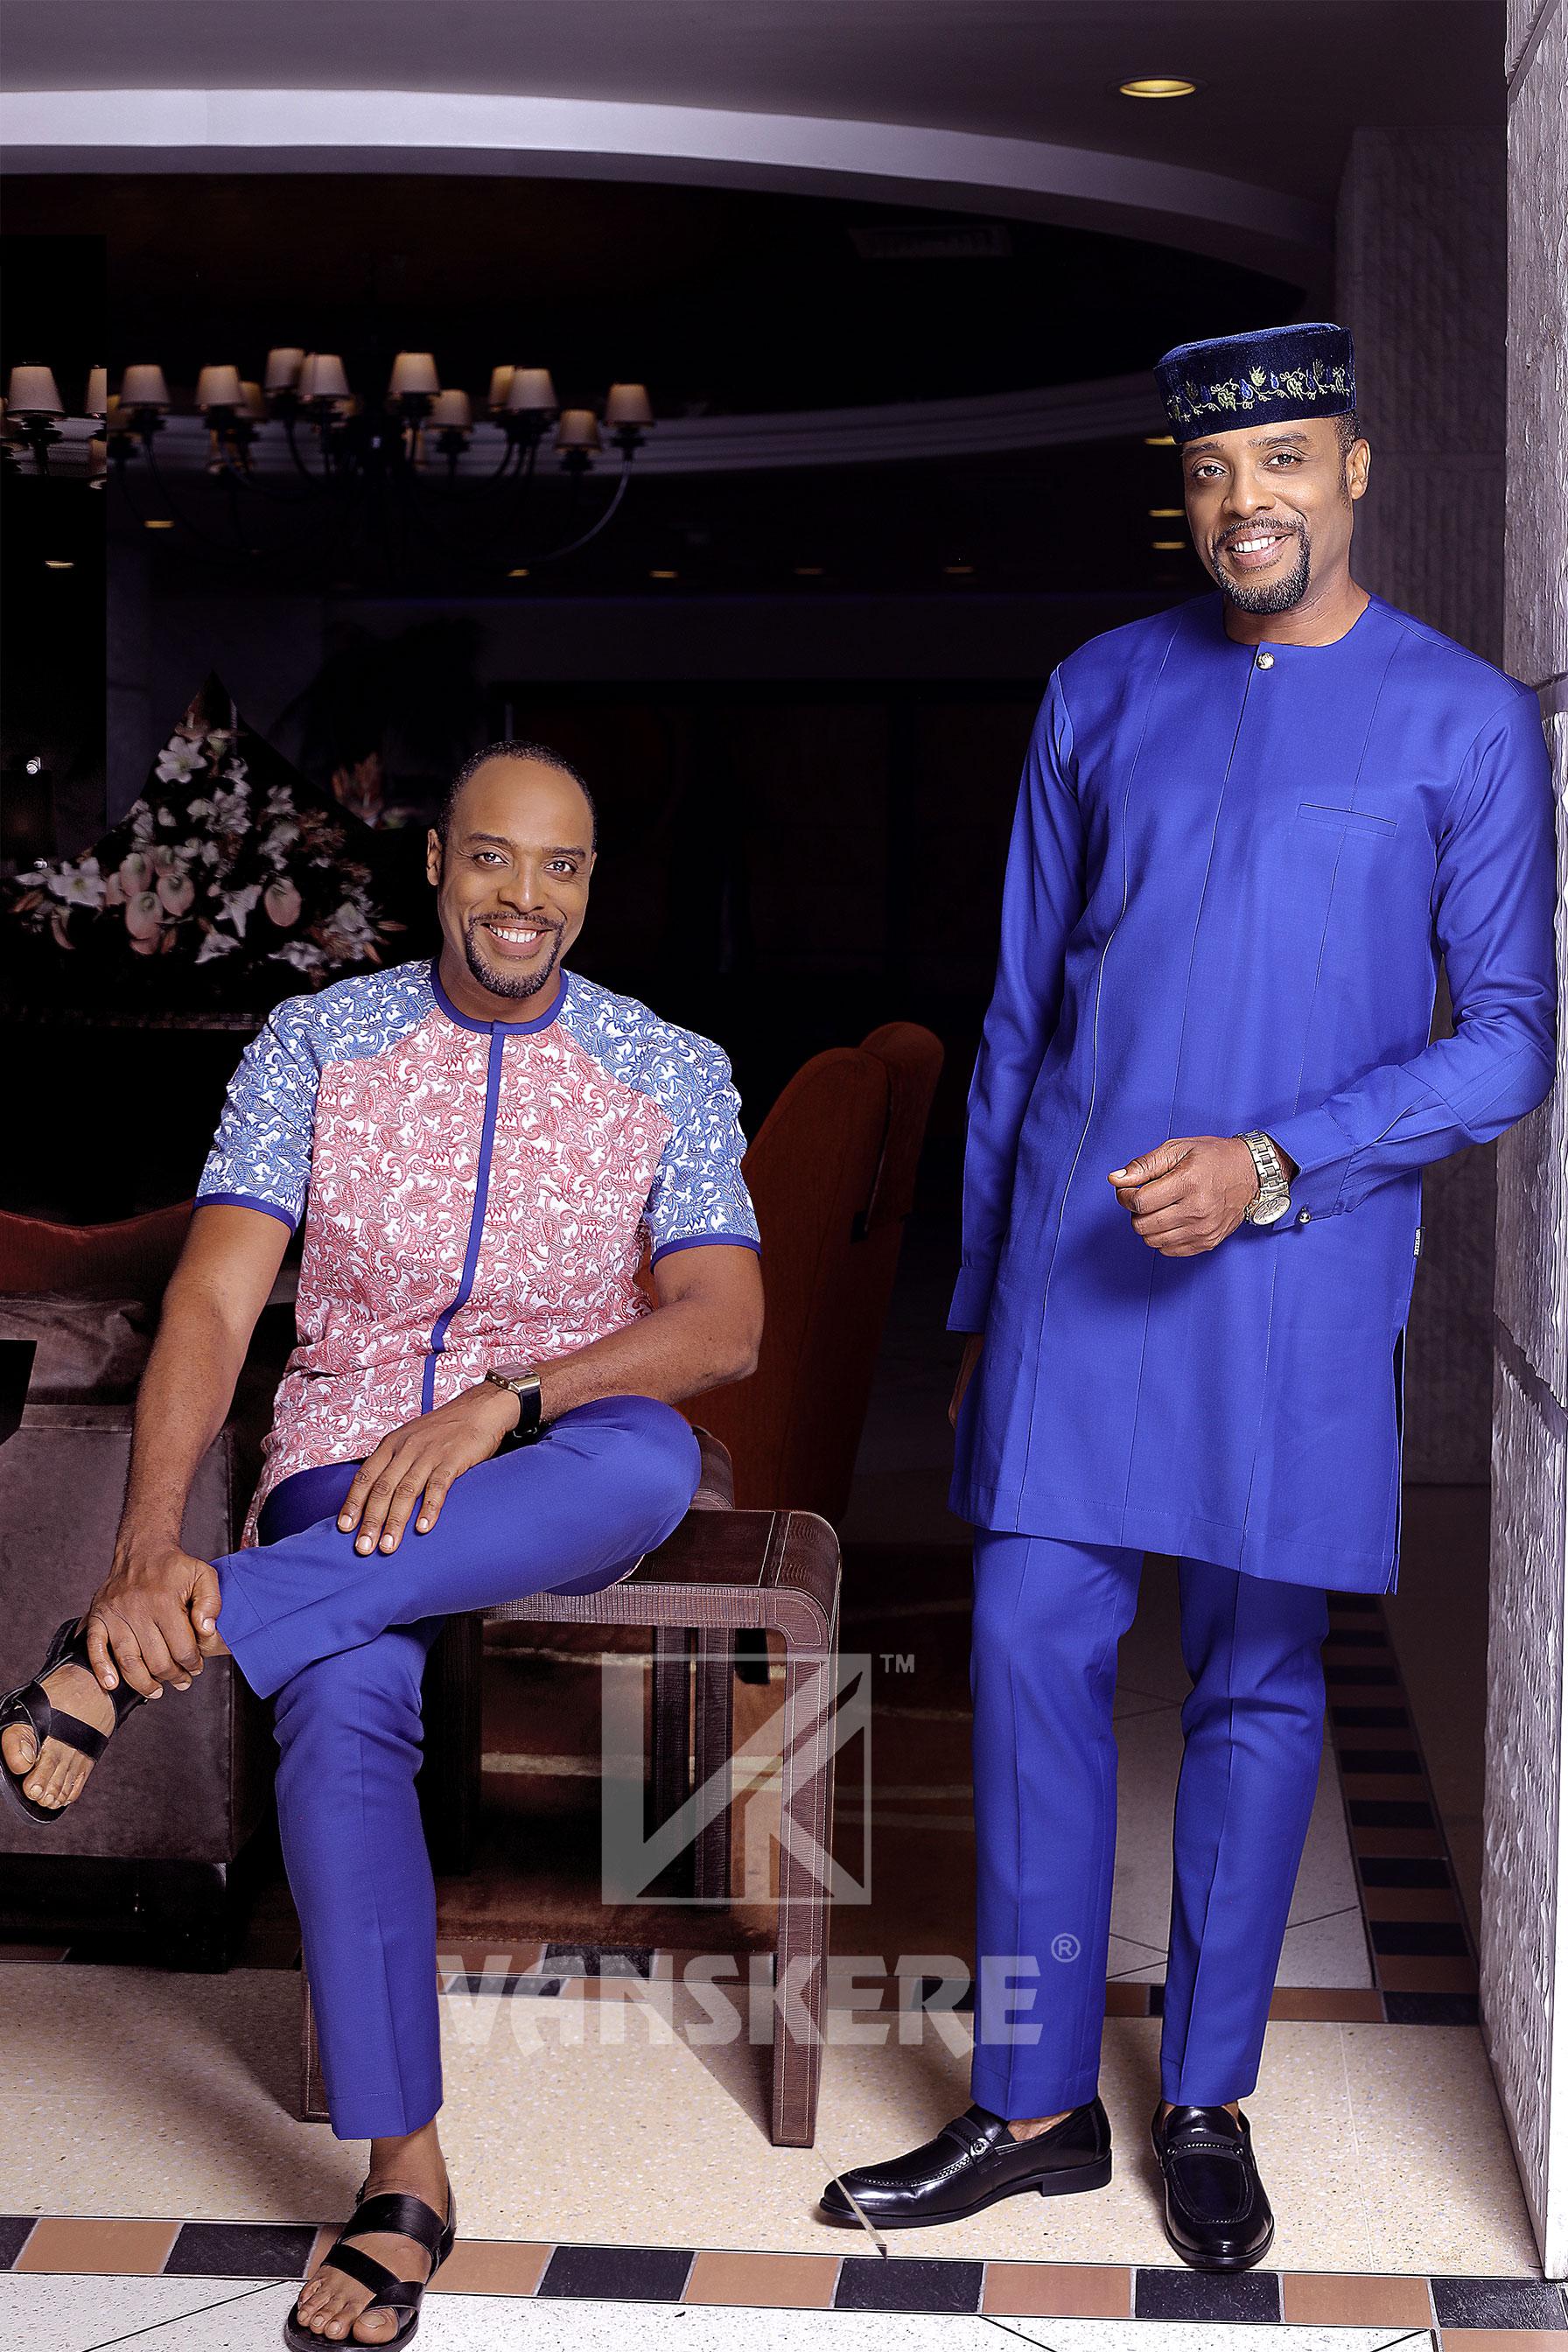 Vanskere presents Afropolitan 3-in-1 Lookbook with Nollywood's Kalu Ikeagwu as Muse